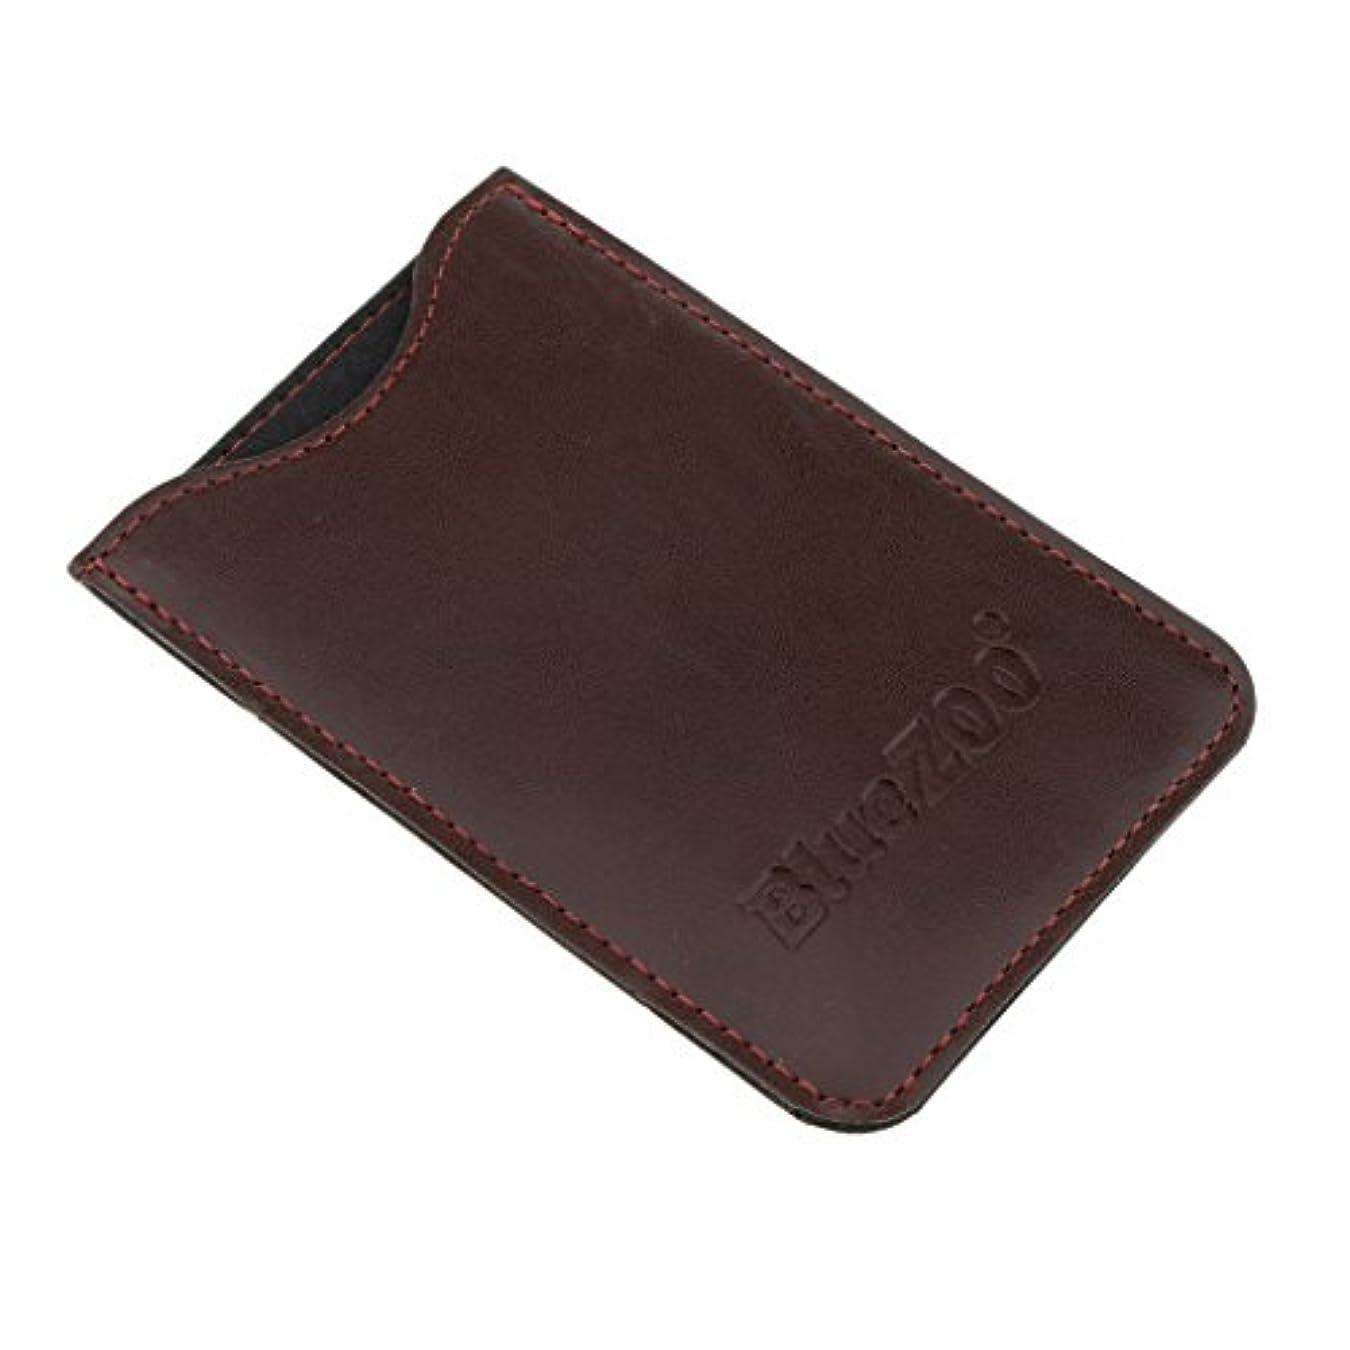 バスラベンダーアーネストシャクルトンHomyl 収納パック 収納ケース 保護カバー 櫛/名刺/IDカード/銀行カード 多機能 高品質 全2色  - 褐色